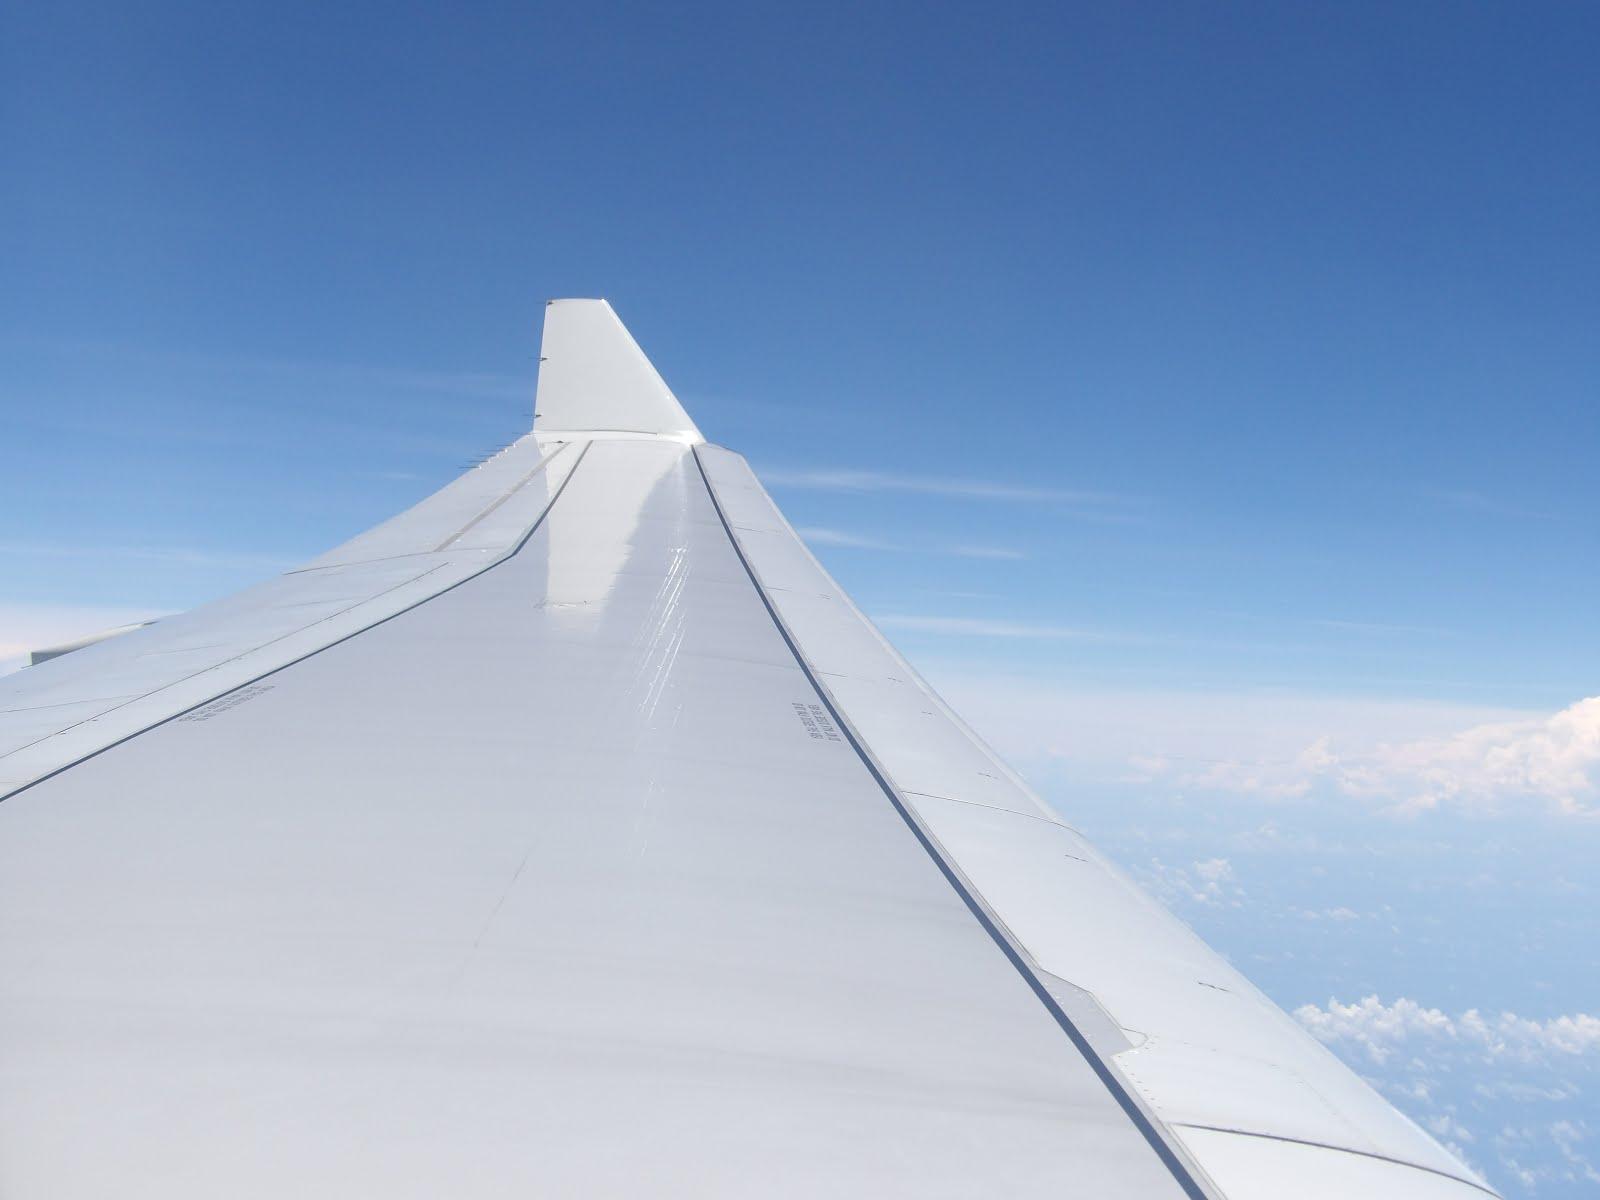 An aeroplane wing